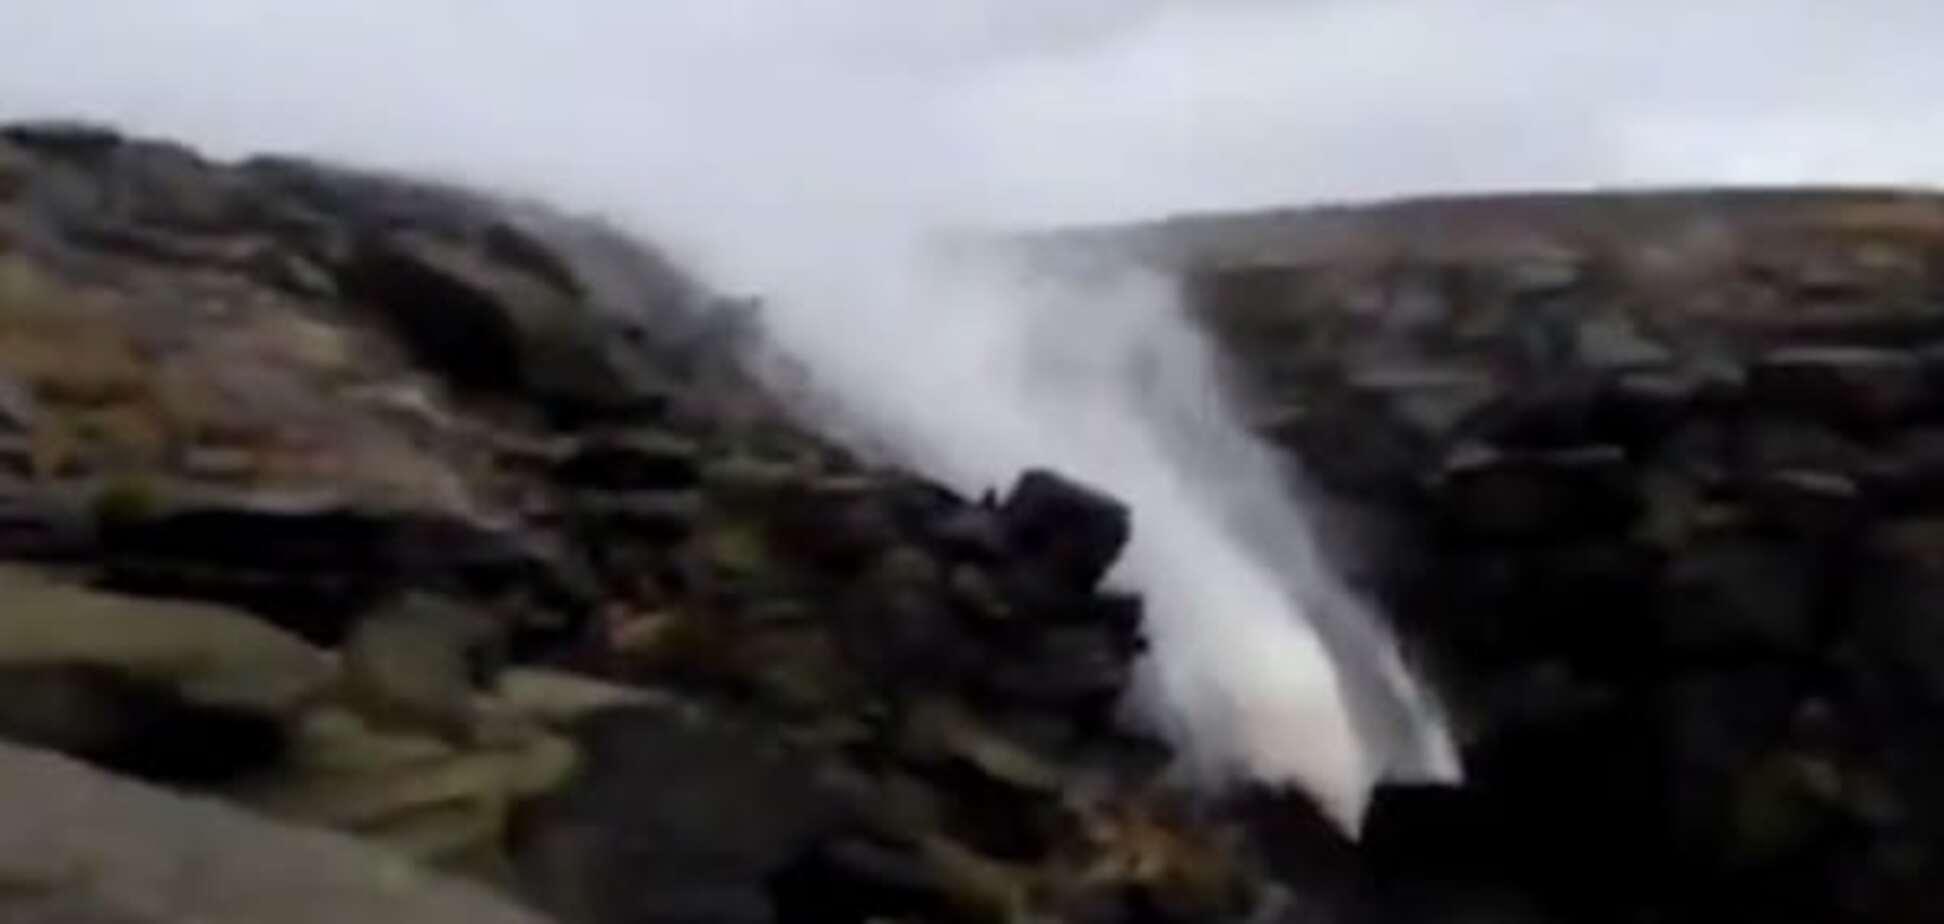 Води повернулись назад: штормовий вітер в Англії змусив водоспад текти вгору